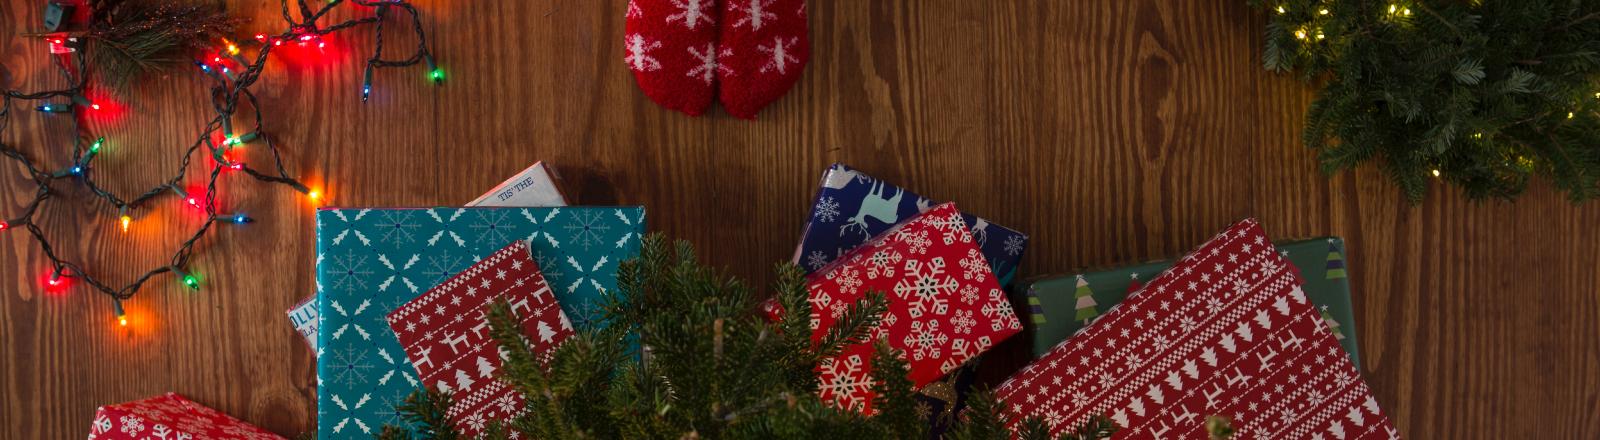 Weihnachtsgeschenke liegen auf dem Boden.